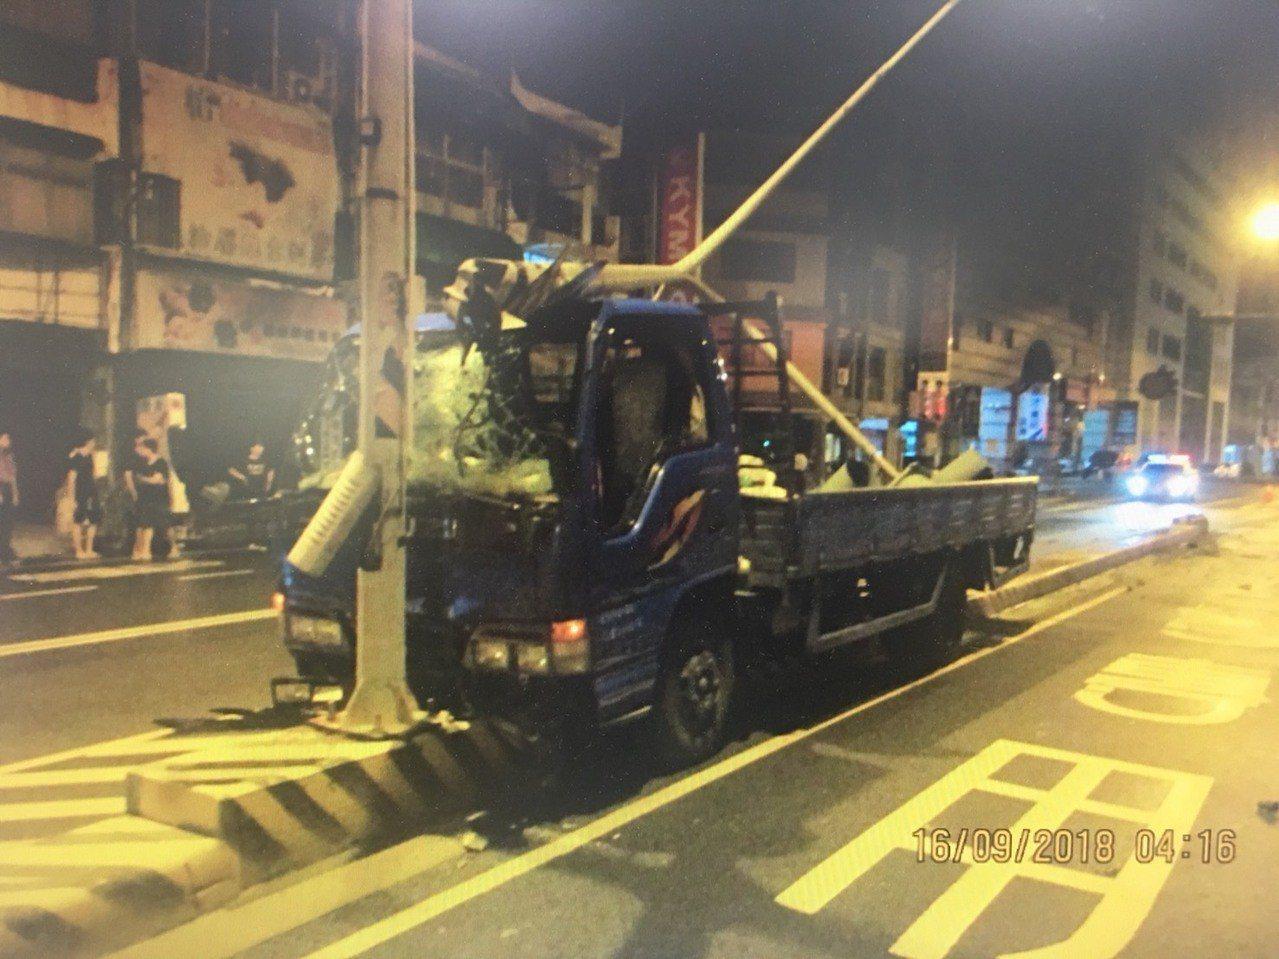 又是酒駕惹禍,台南市一輛小貨車駕駛涉嫌酒後駕車撞斷大同路二段號誌燈,警詢後依公共...